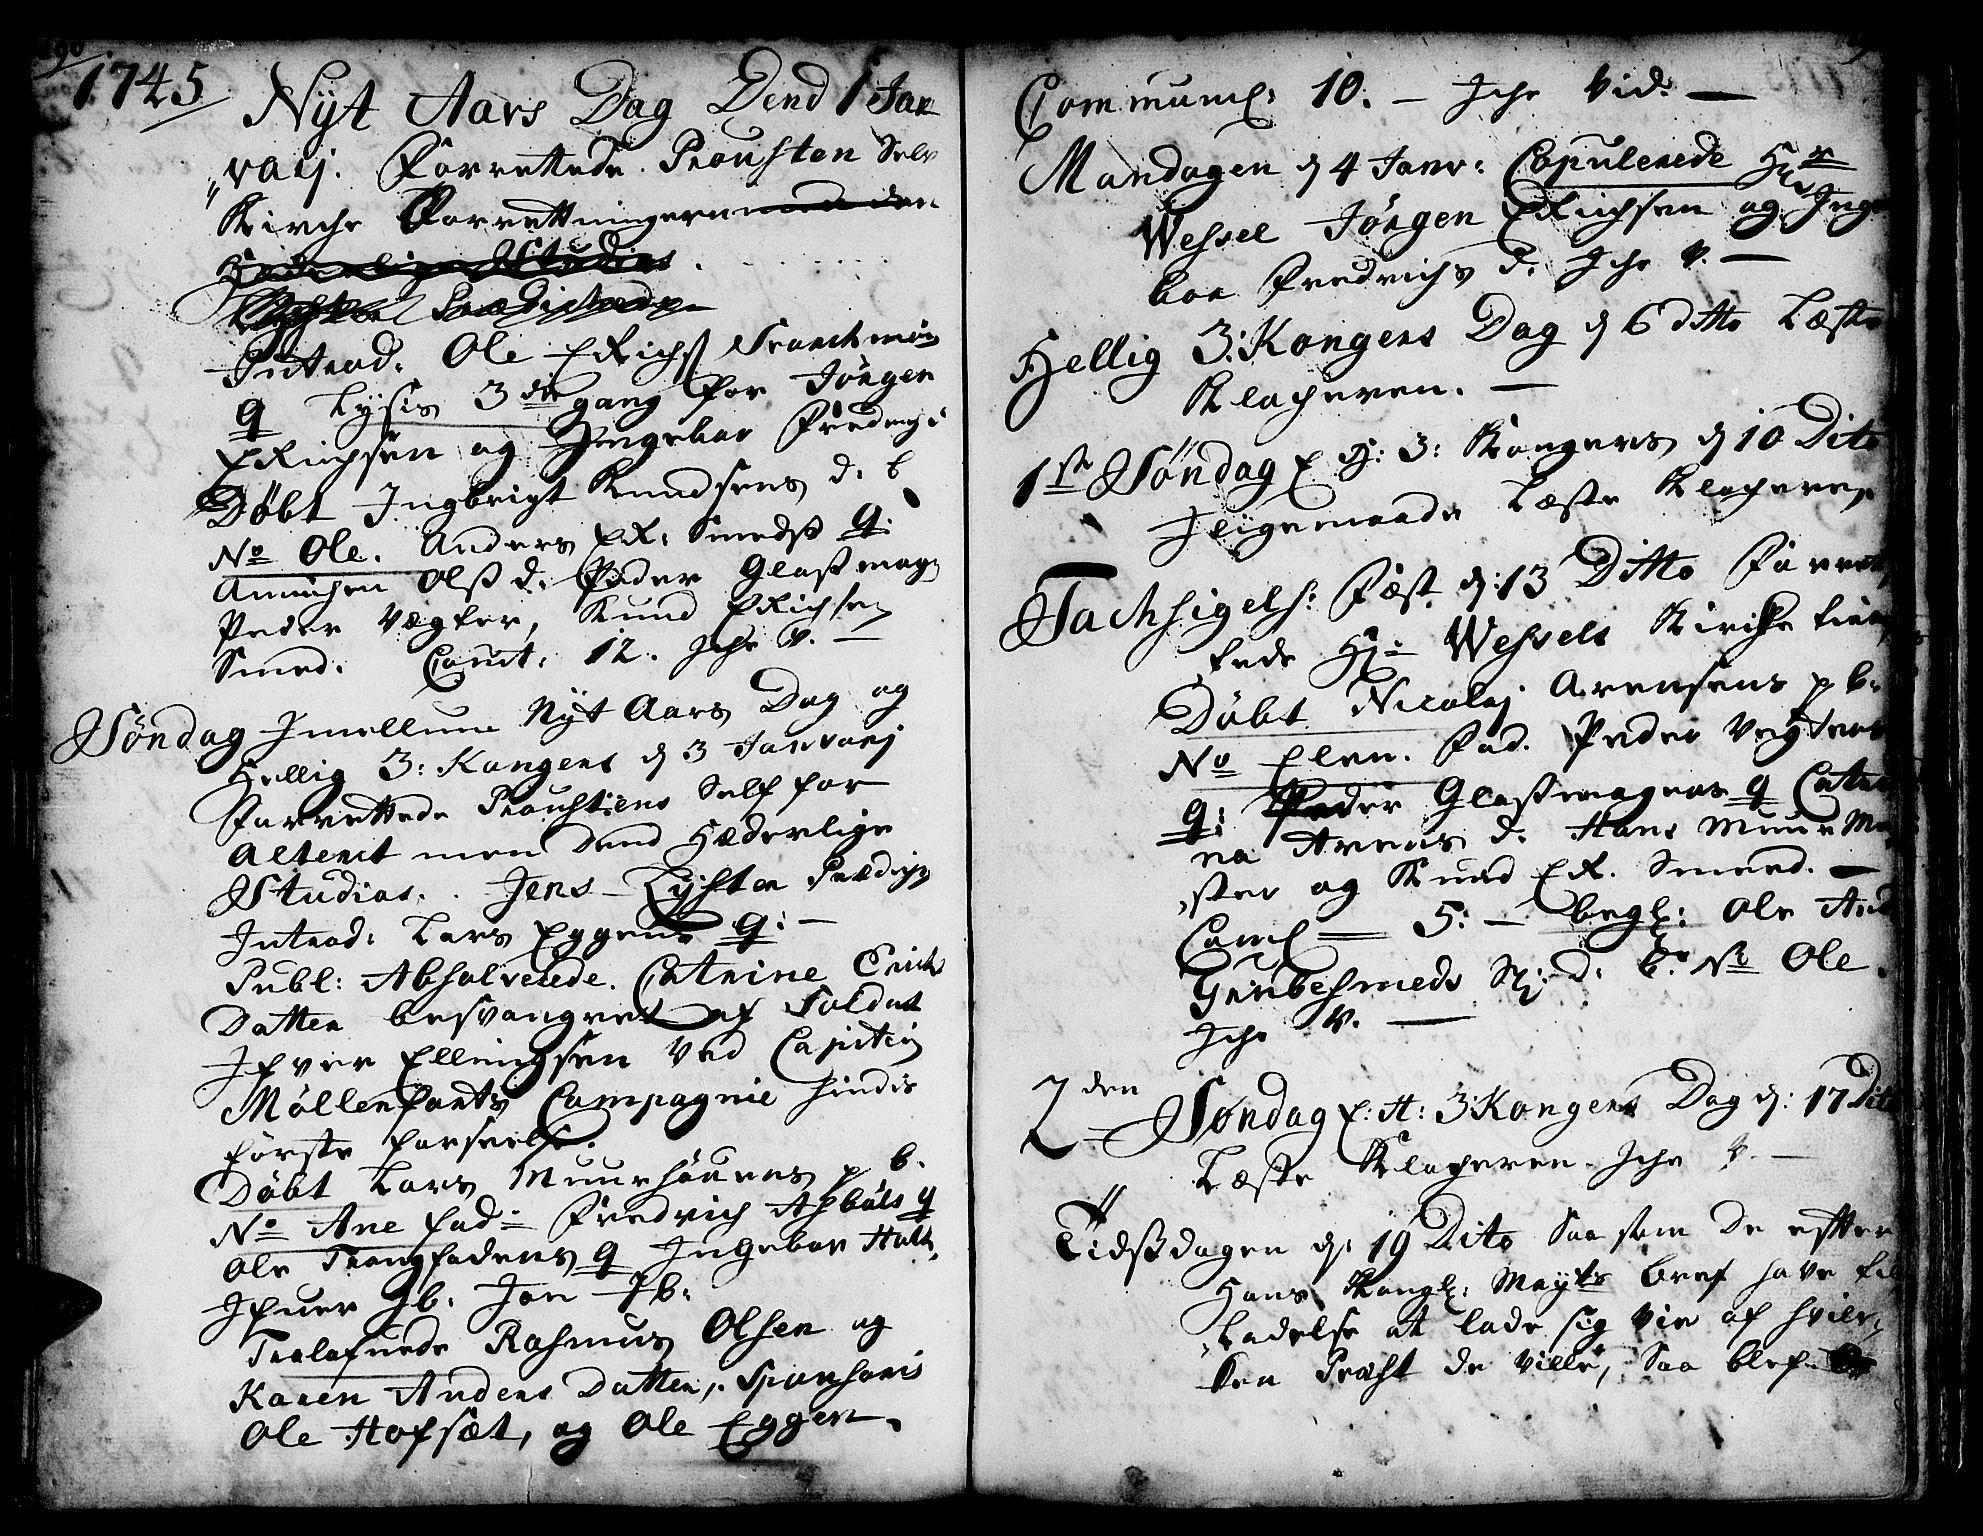 SAT, Ministerialprotokoller, klokkerbøker og fødselsregistre - Sør-Trøndelag, 671/L0839: Ministerialbok nr. 671A01, 1730-1755, s. 290-291